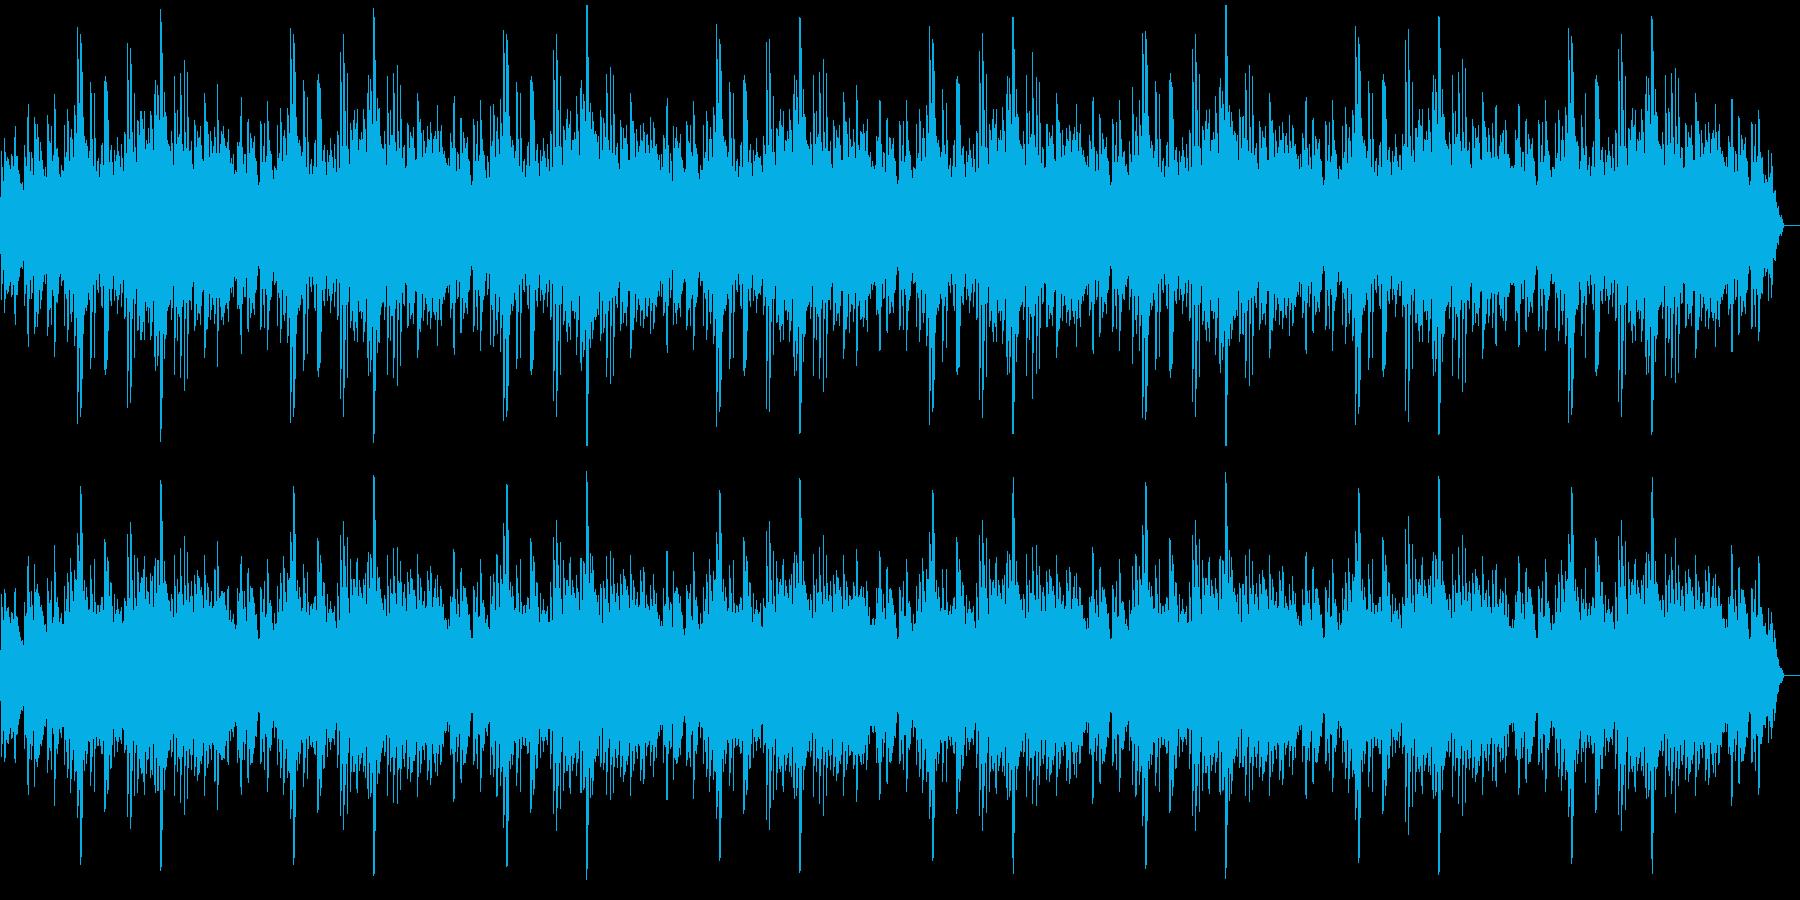 しっとりした落ち着きあるメロディーの再生済みの波形